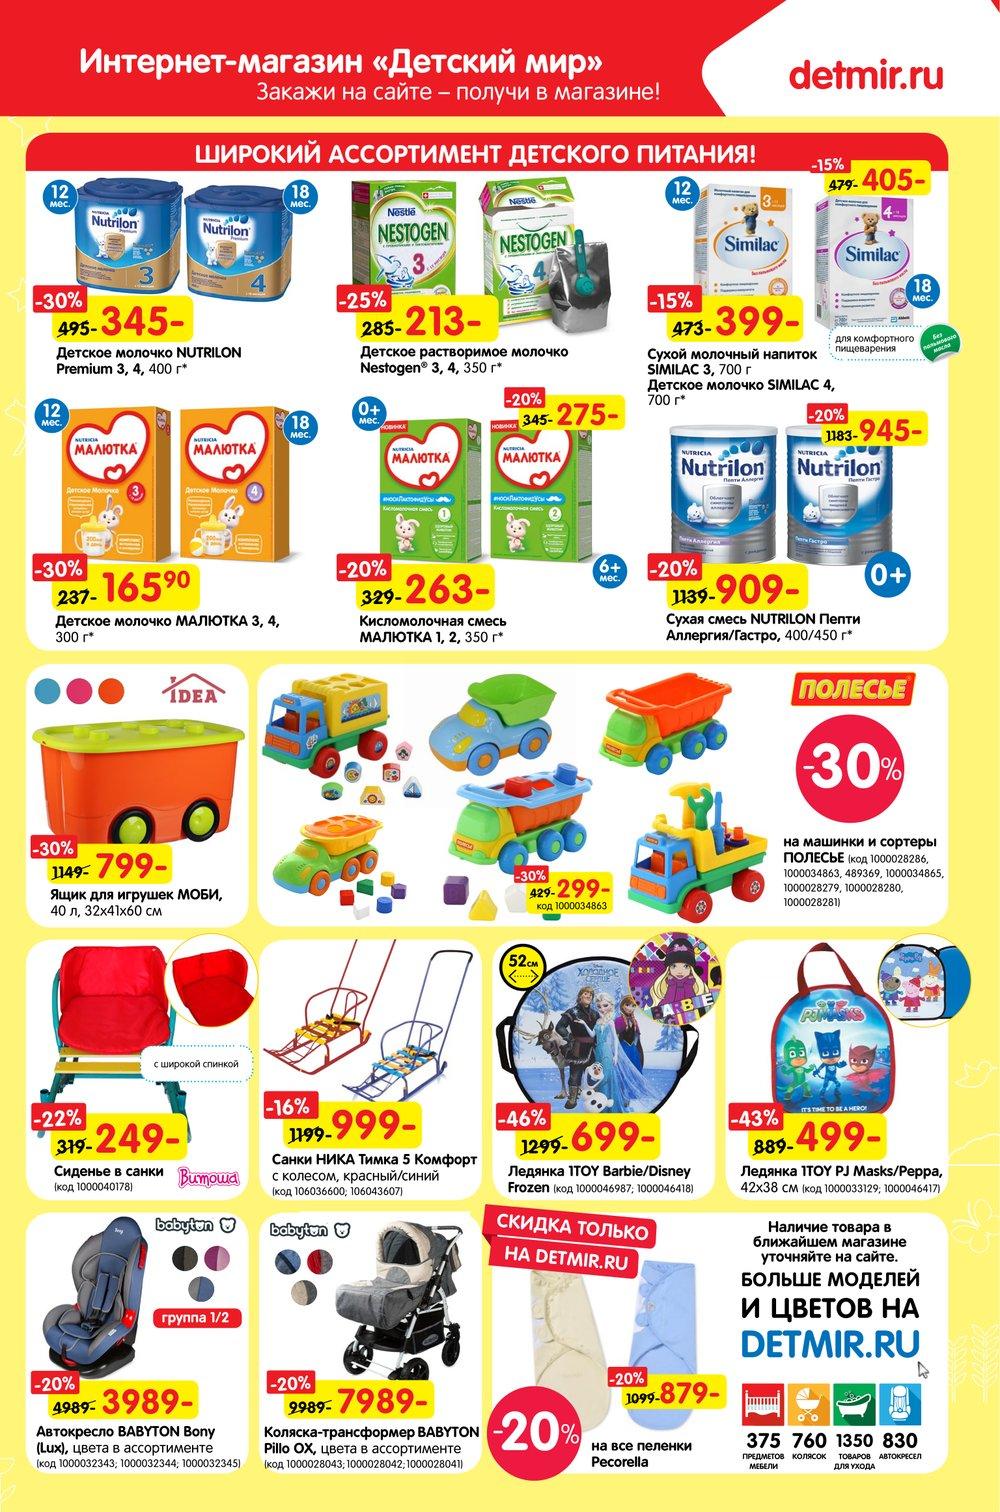 Детский Мир Калуга Интернет Магазин Официальный Сайт